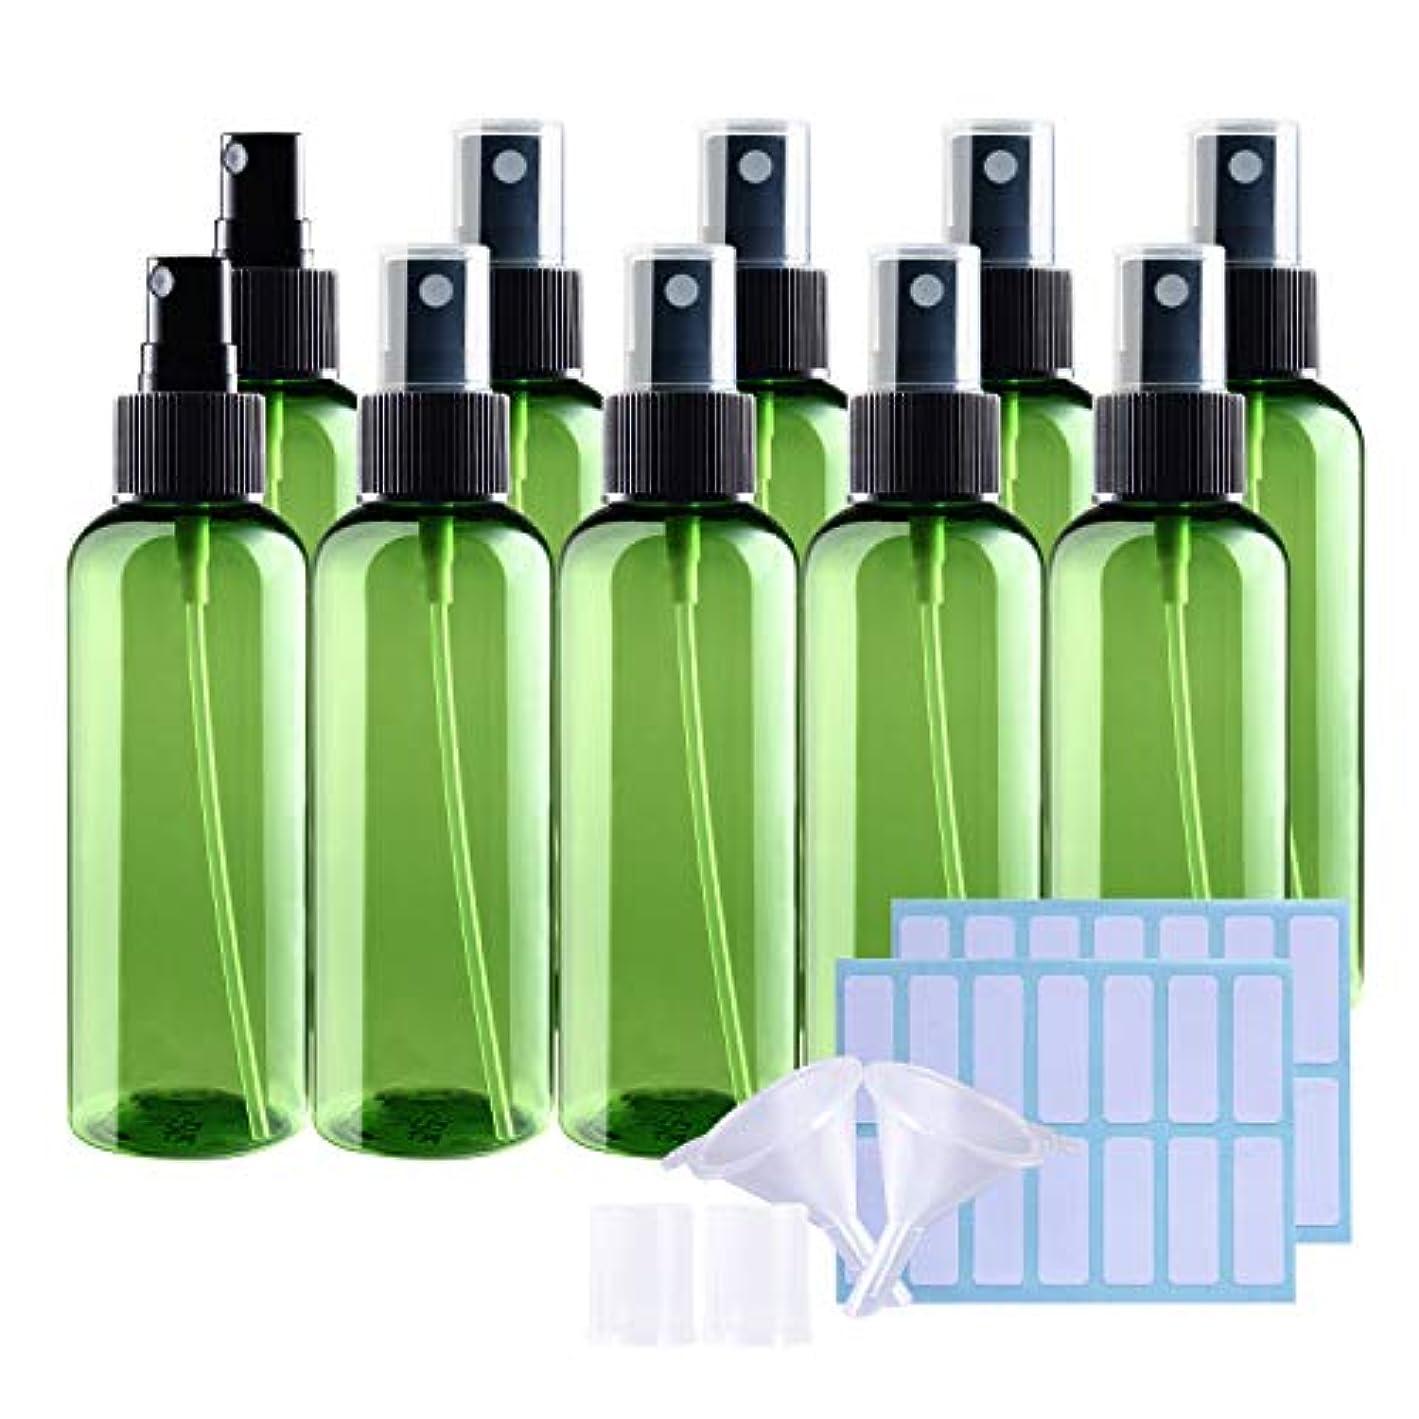 机ソースナット100mlスプレーボトル 10個セット遮光瓶 小分けボトル プラスチック容器 液体用空ボトル 押し式詰替用ボトル 詰め替え シャンプー クリーム 化粧品 収納瓶(緑 10本)